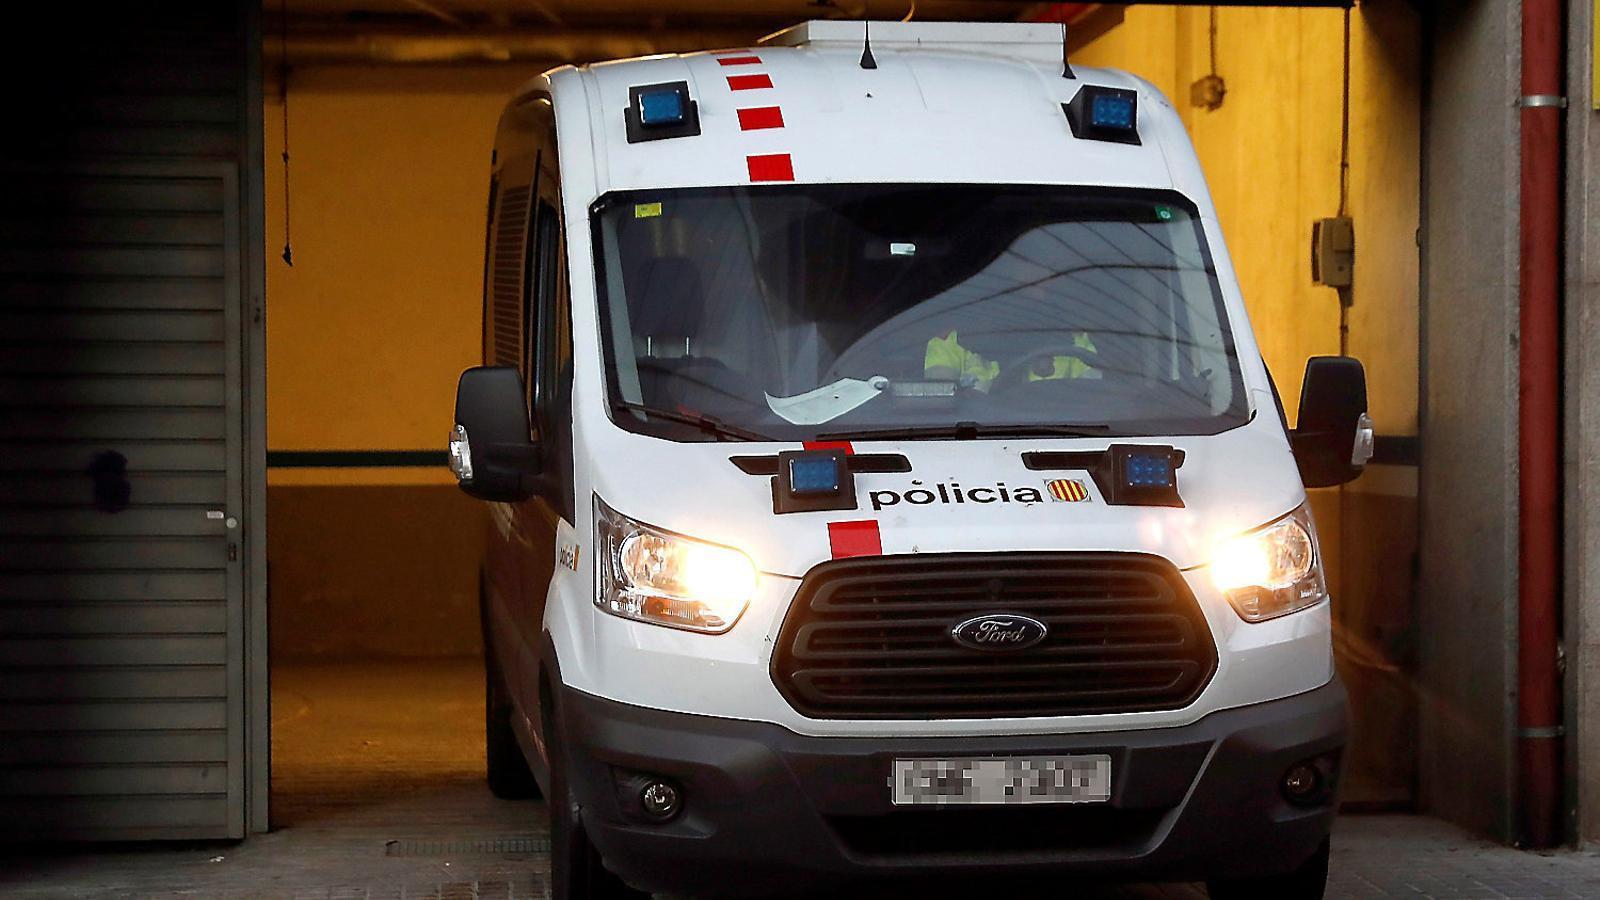 Vuitena detenció per la violació múltiple a Sabadell